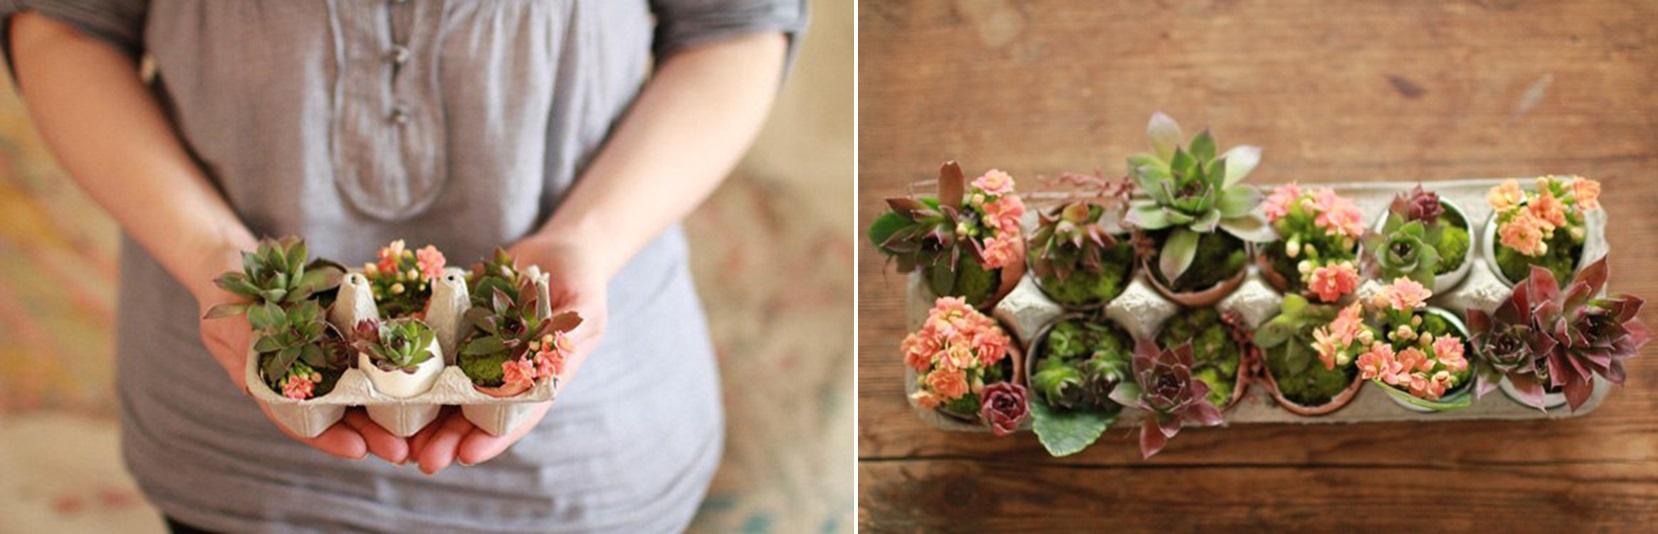 Цветы и клумбы: Кашпо для дачи своими руками